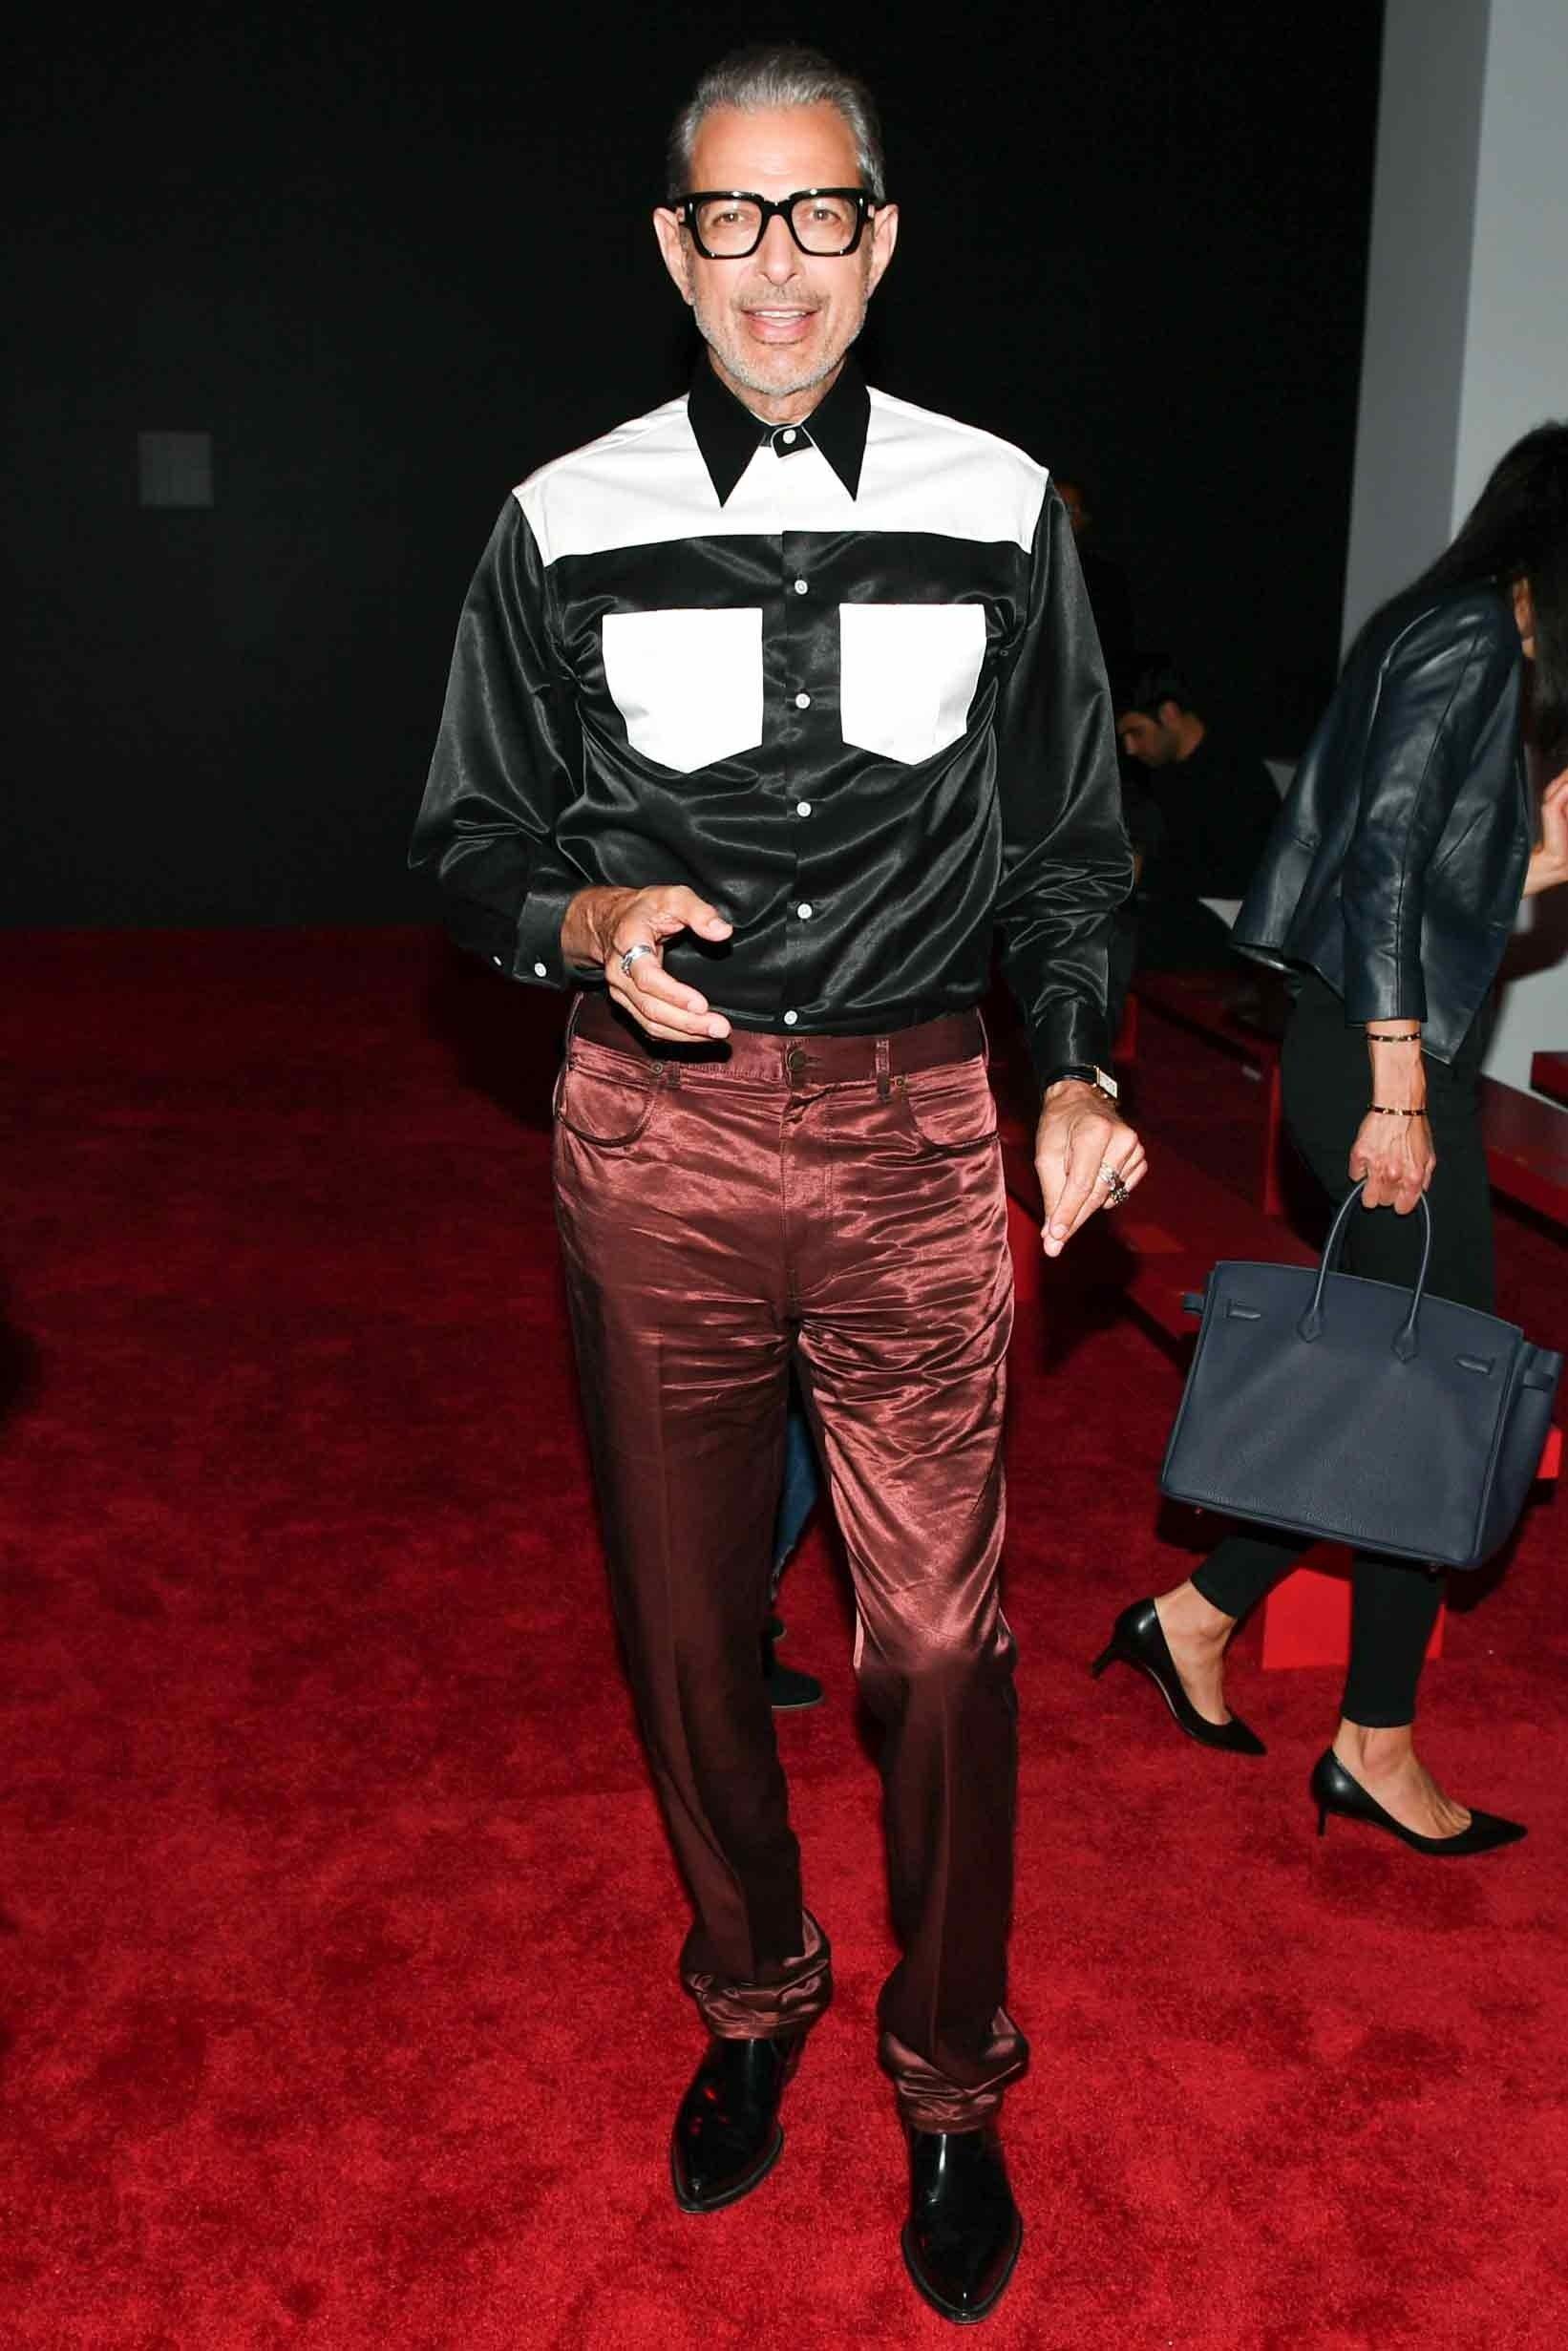 Dù bước sang tuổi 66 nhưng nam diễn viên người Mỹ Jeff Goldblum vẫn cực kỳ phong độ trong thiết kế của Calvin Klein 205W39NYC. Ảnh: GQ